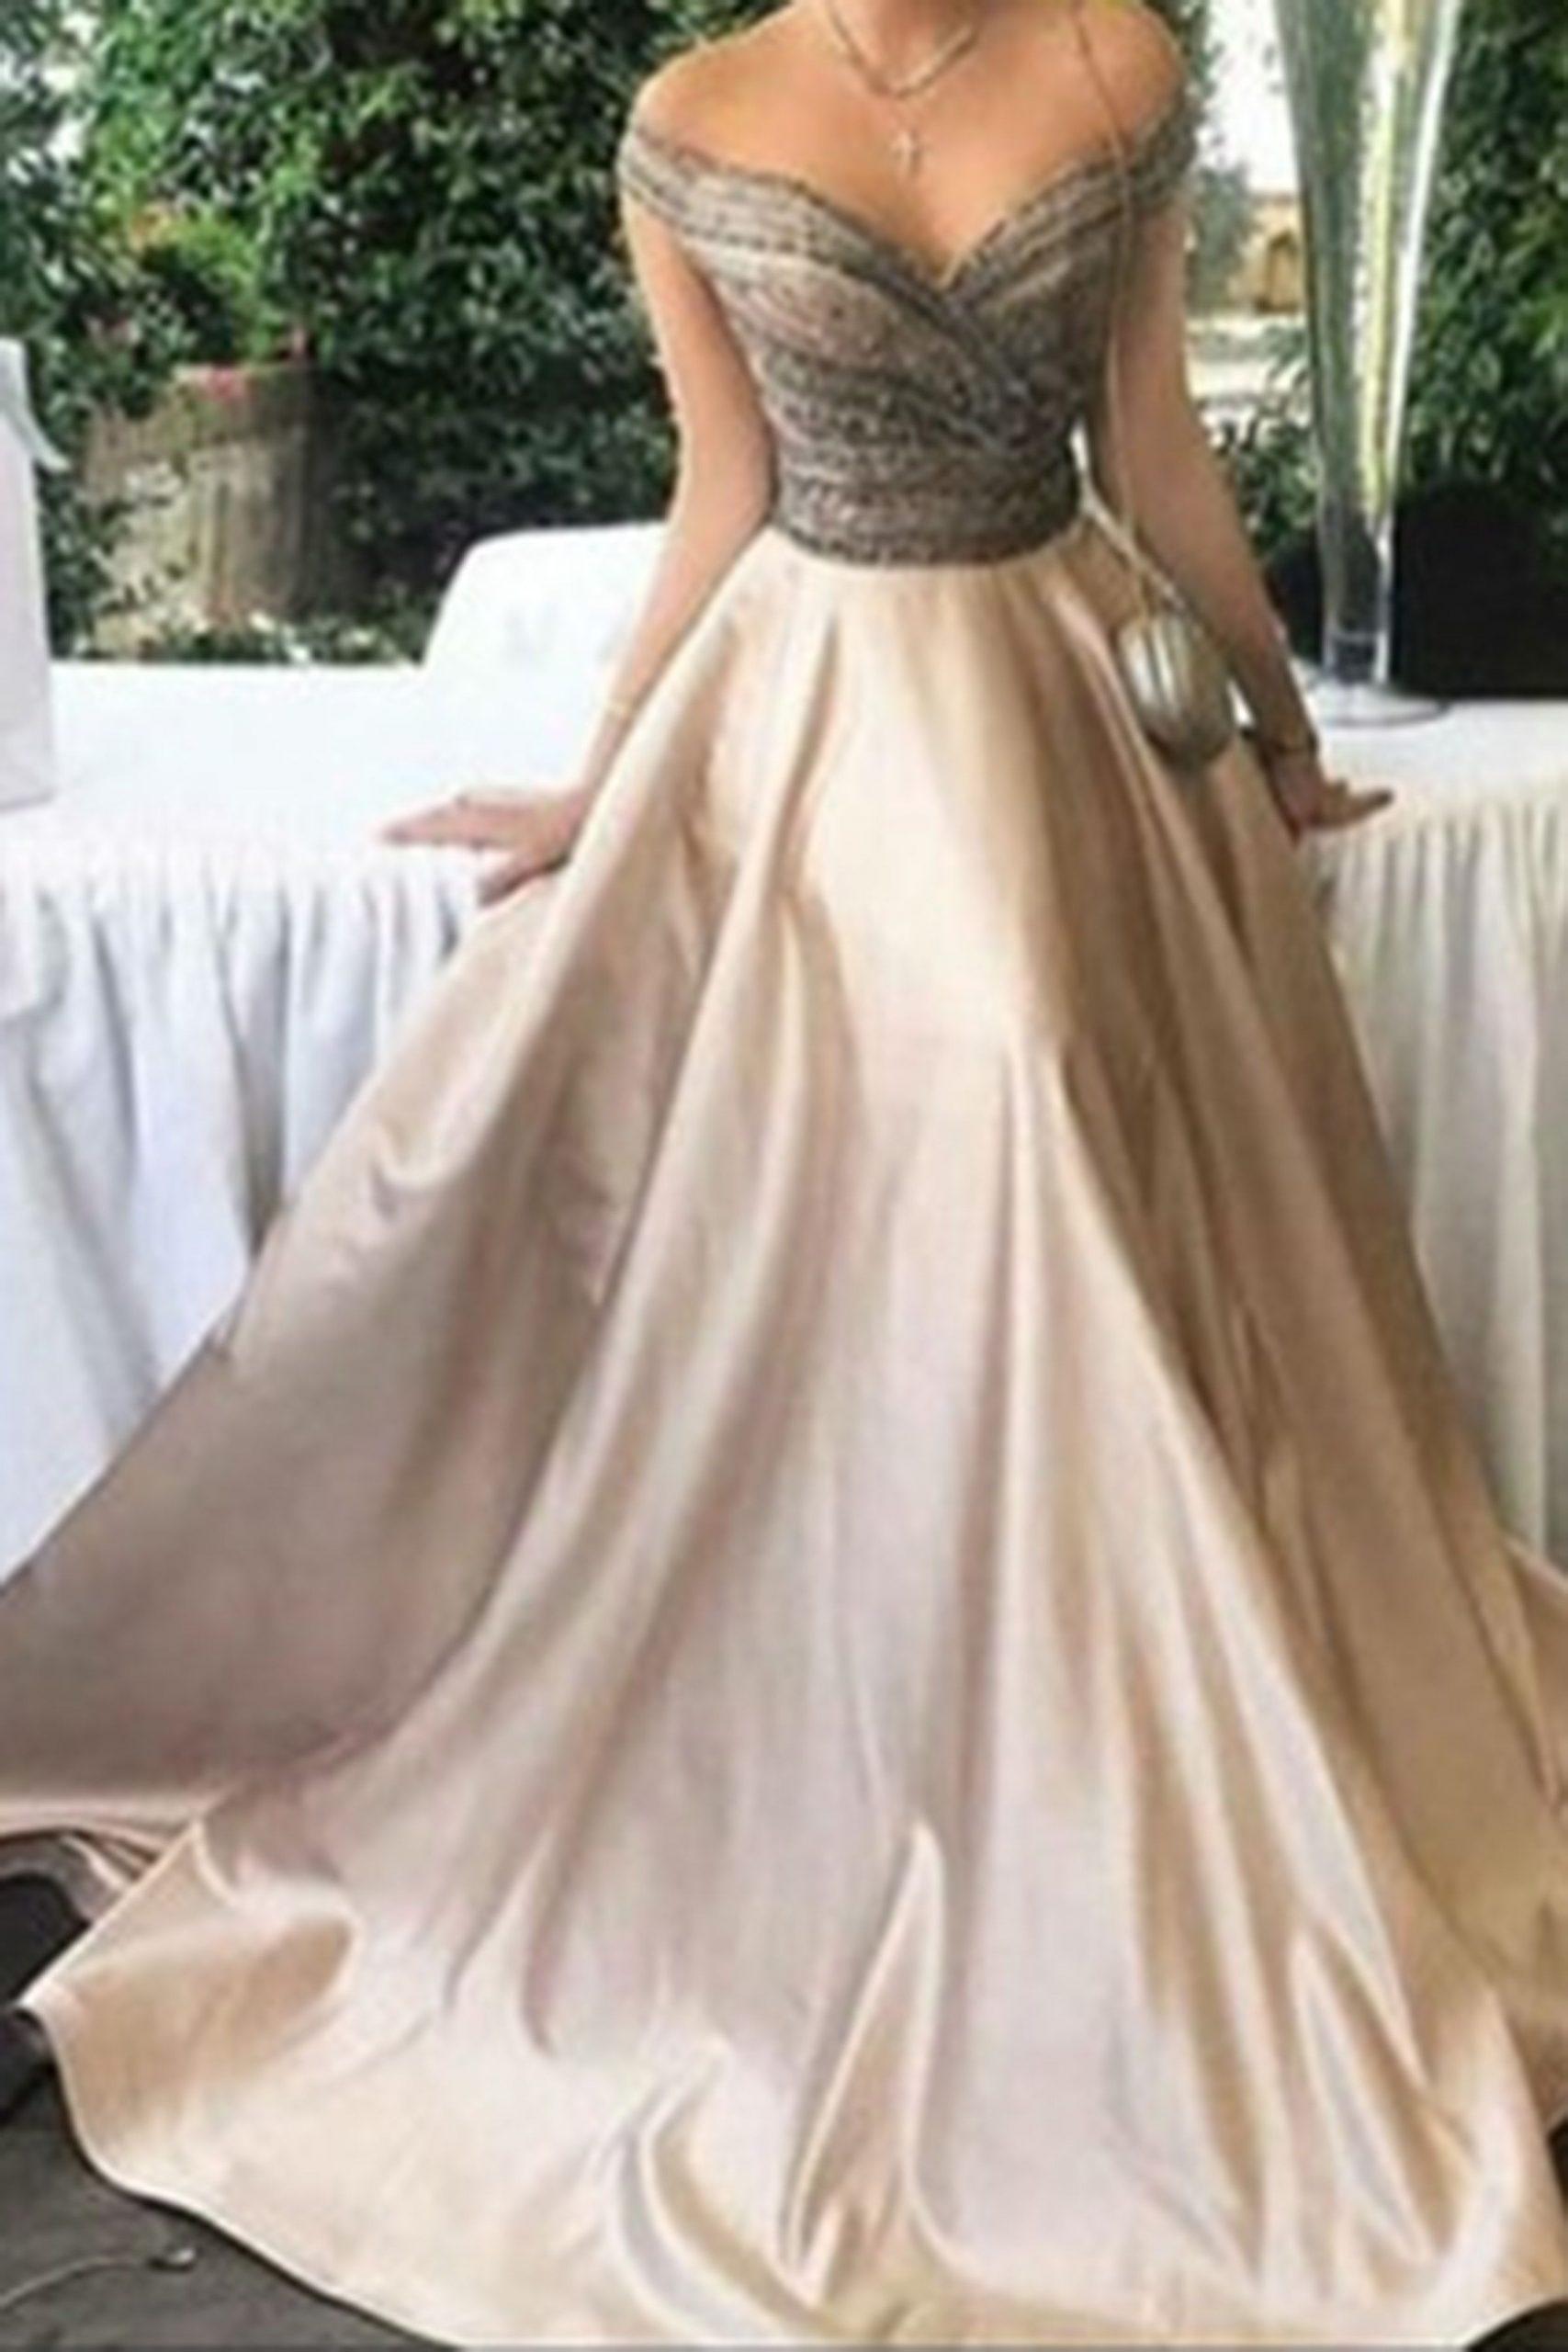 Wunderbar Satin Abend Kleid Bester PreisDesigner Genial Satin Abend Kleid Vertrieb